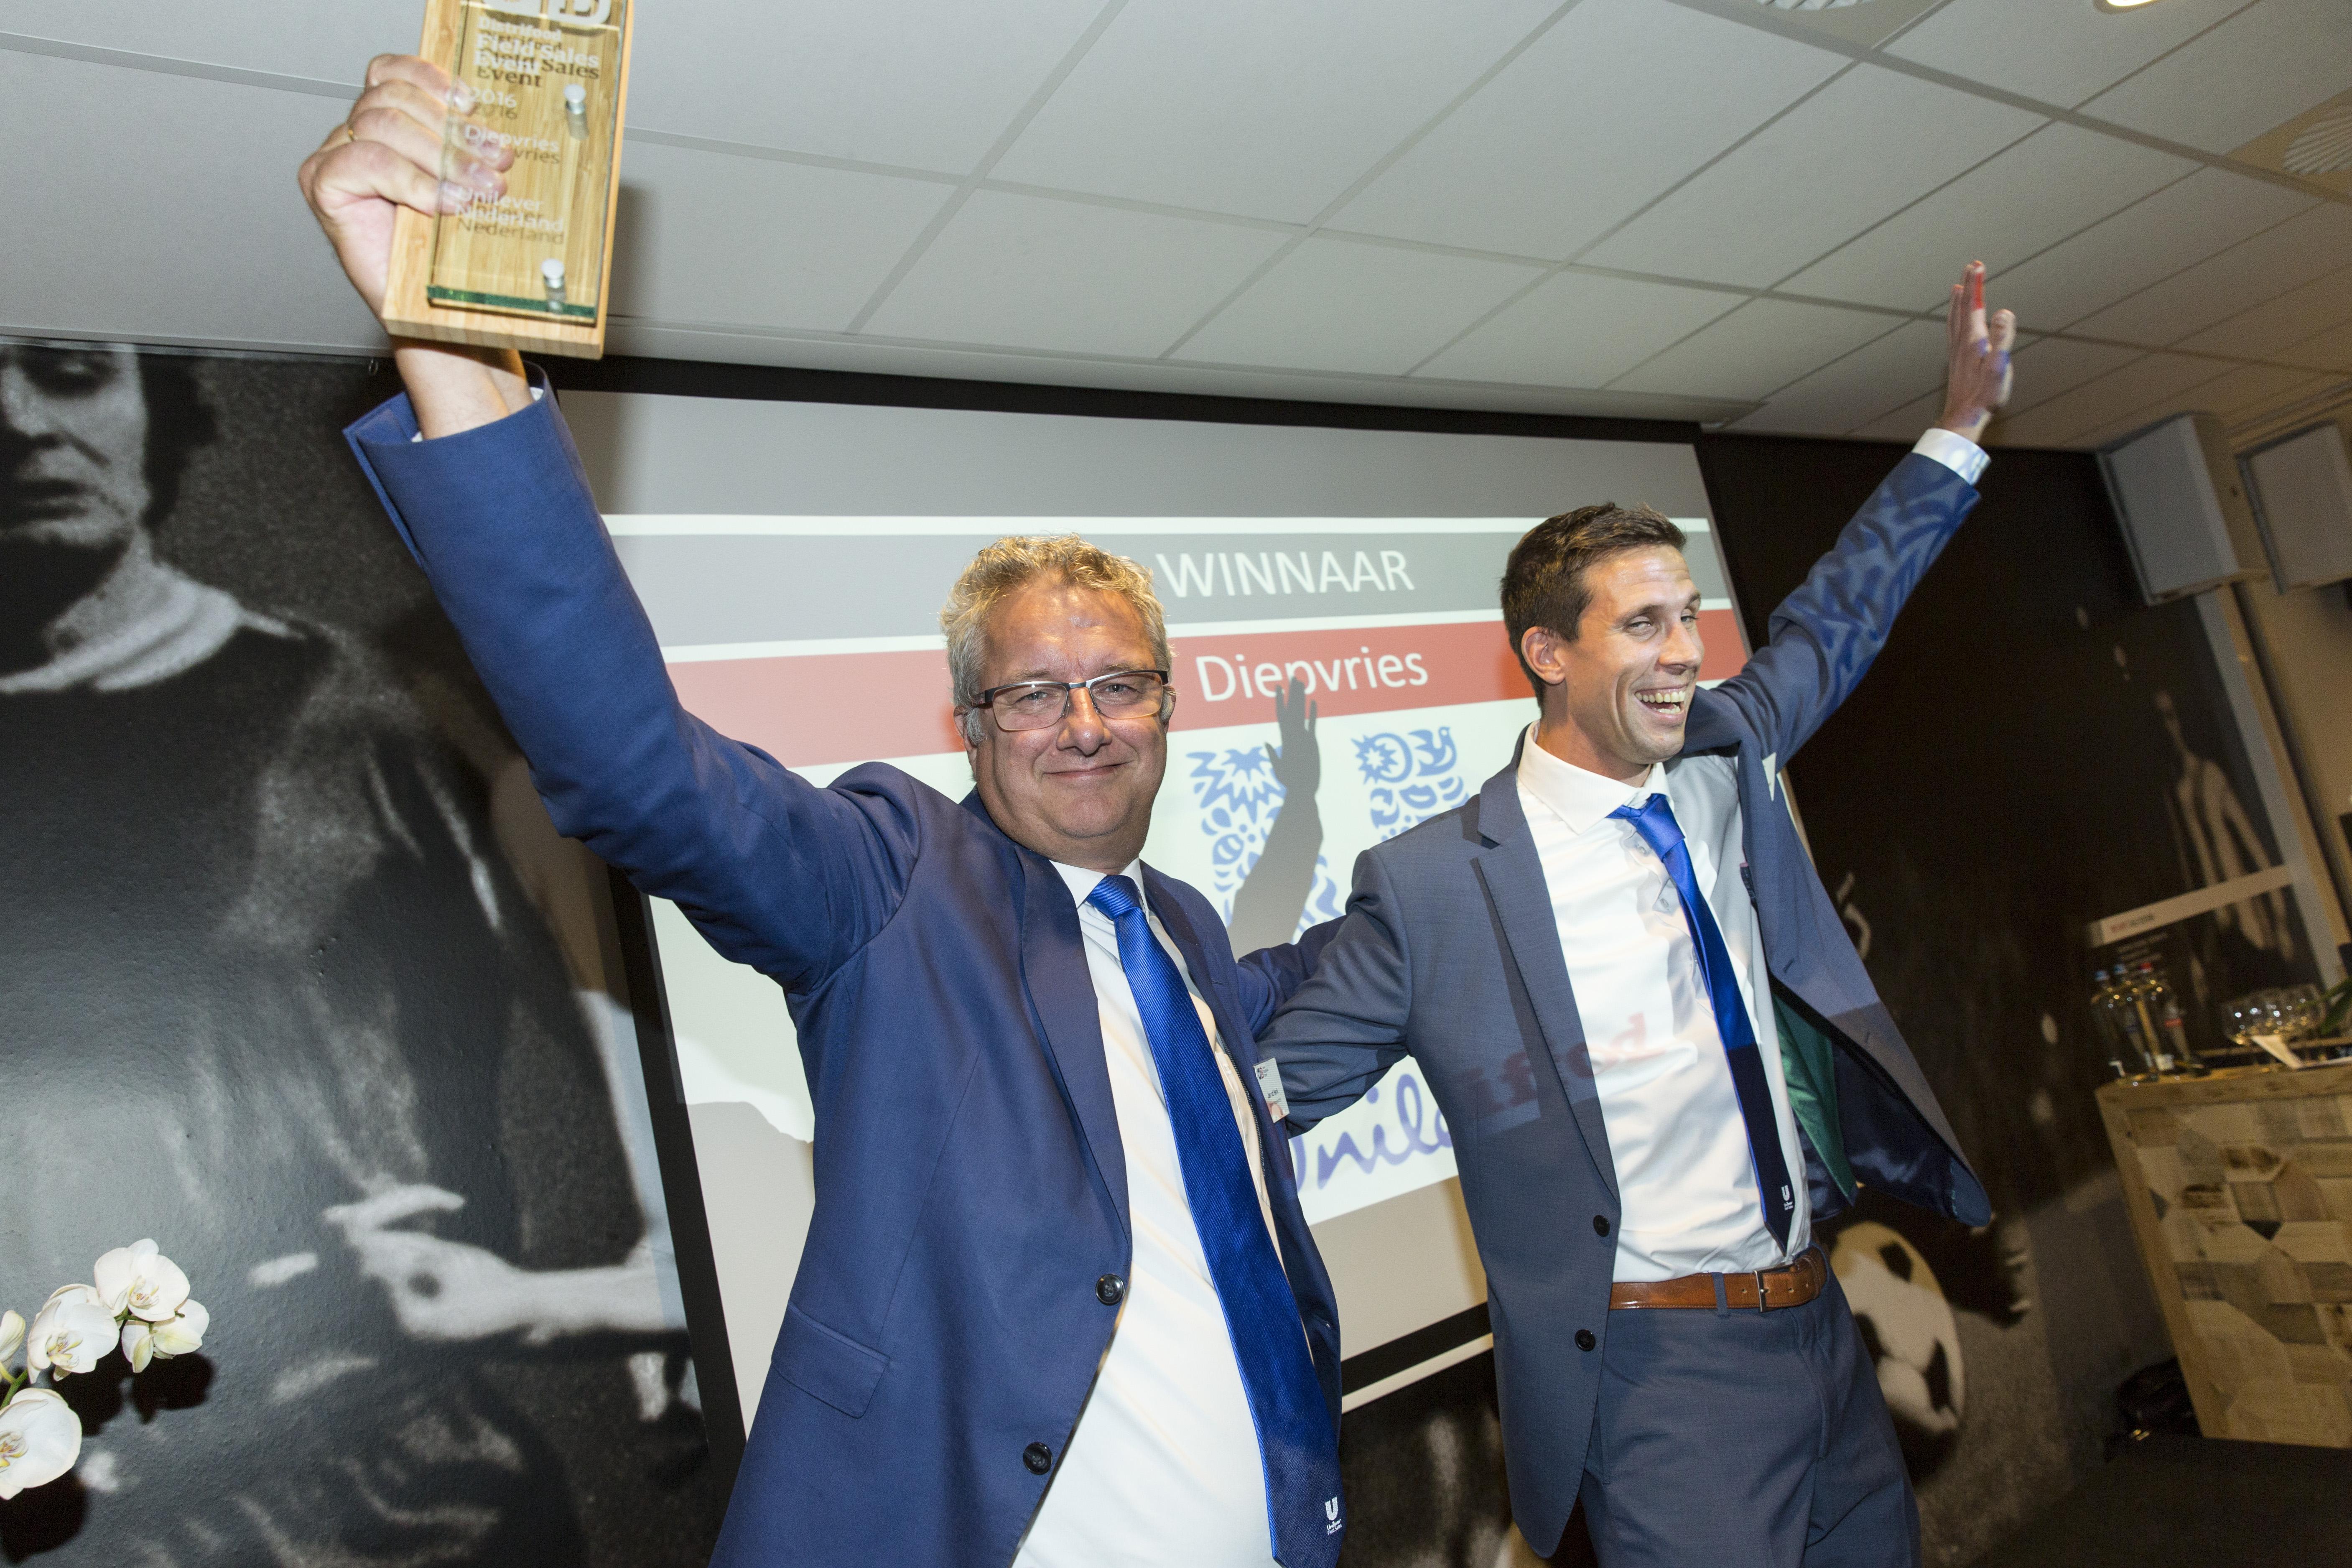 Jan van den Herik (l), senior rayonmanager, en Dennis Heemskerk, junior field sales manager, nemen de eerste prijs in de categorie diepvries in ontvangst.